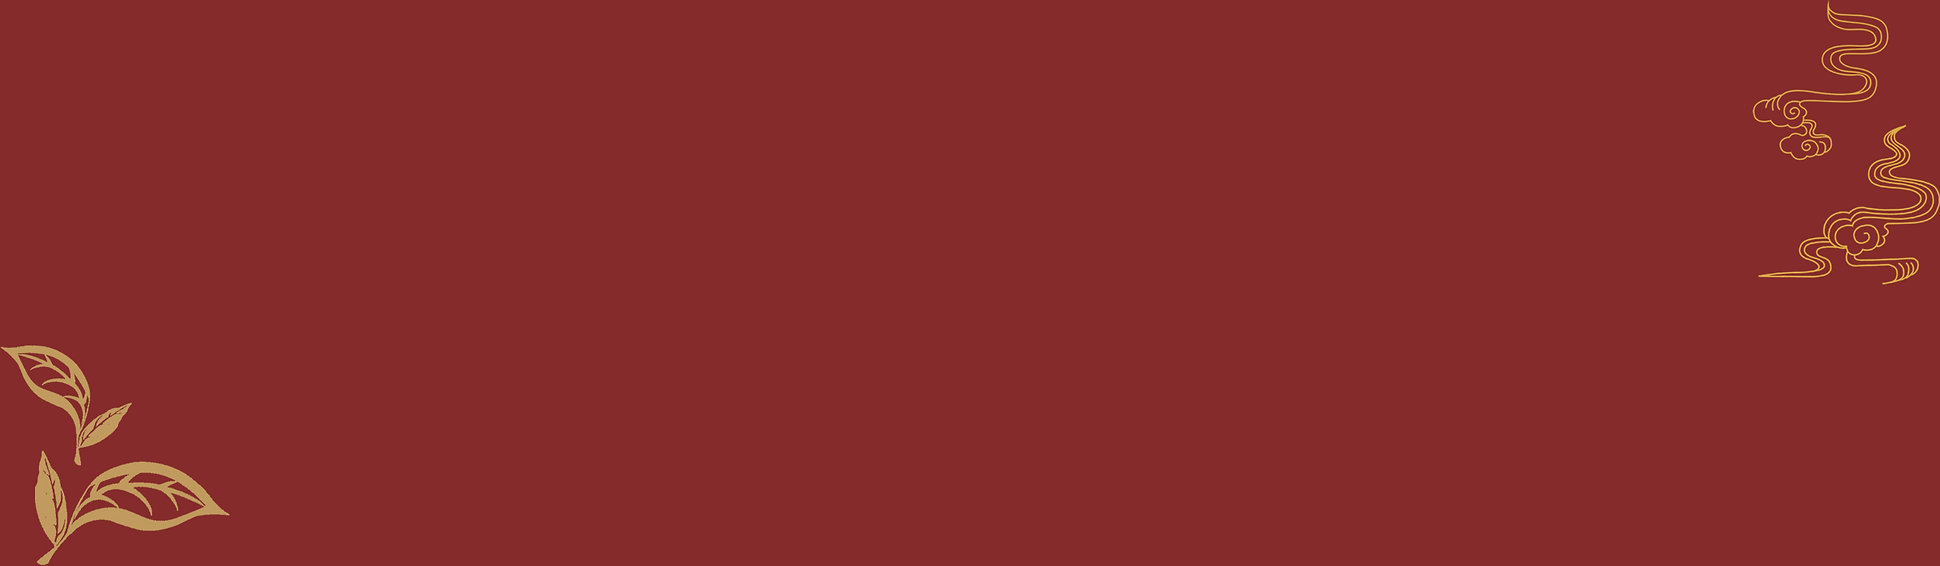 红底背景2400-700.jpg